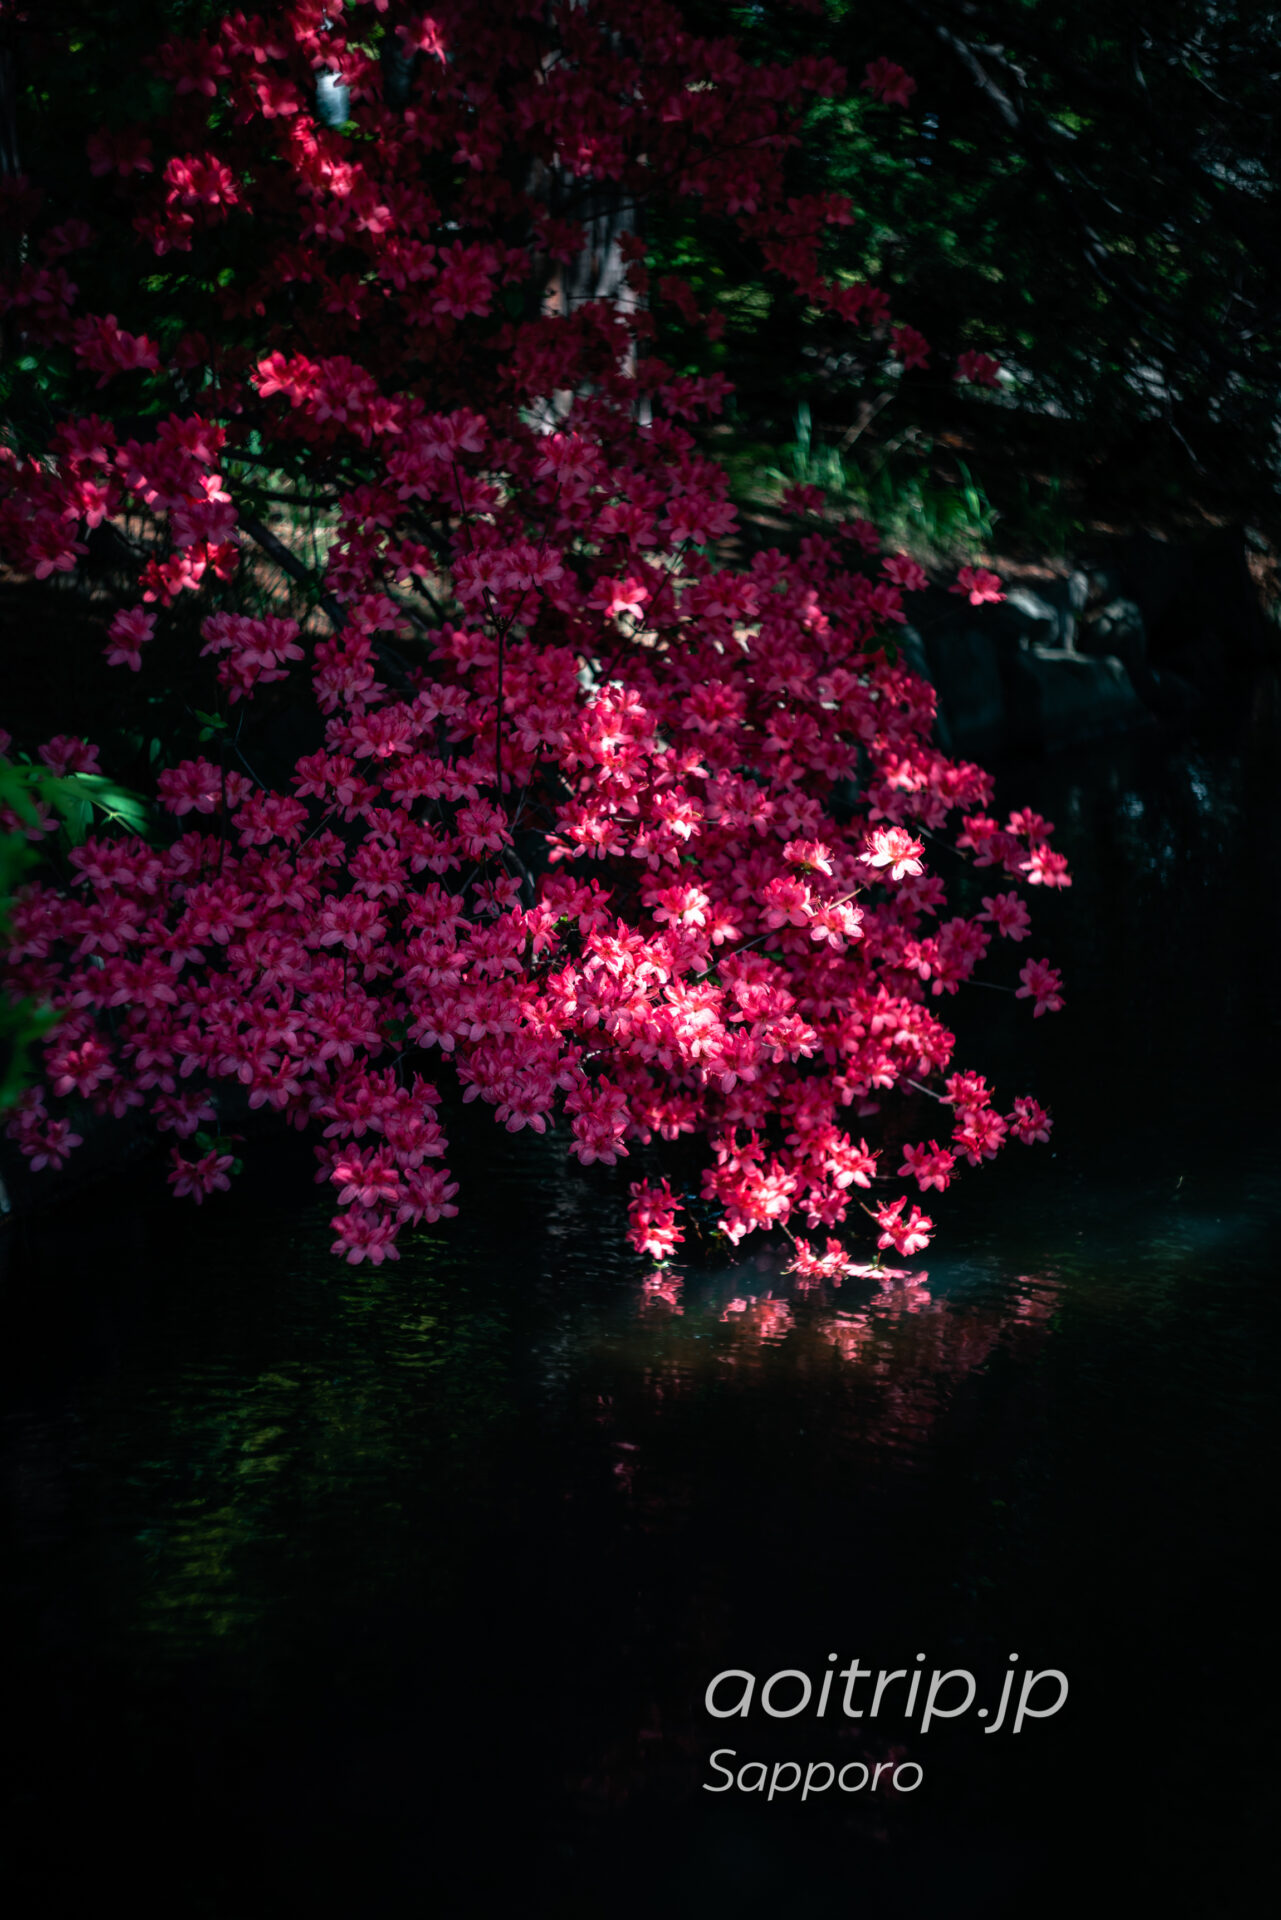 中島公園の日本庭園に咲くヤマツツジ